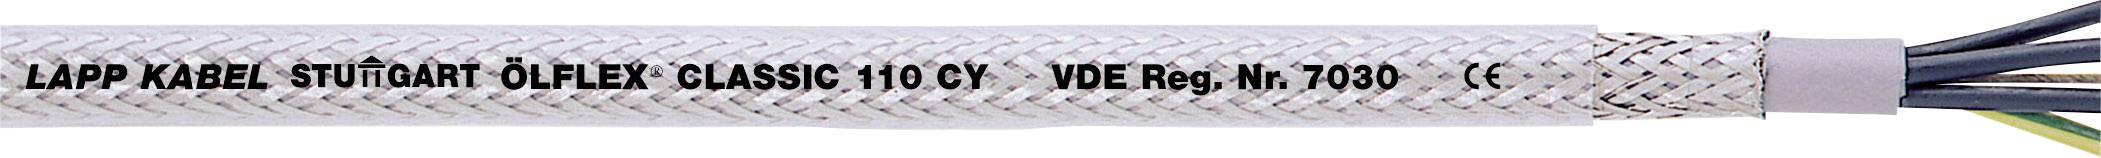 Riadiaci kábel LappKabel ÖLFLEX® CLASSIC 110 CY 1135307, 7 G 1.50 mm², vonkajší Ø 11.30 mm, 500 V, metrový tovar, priehľadná